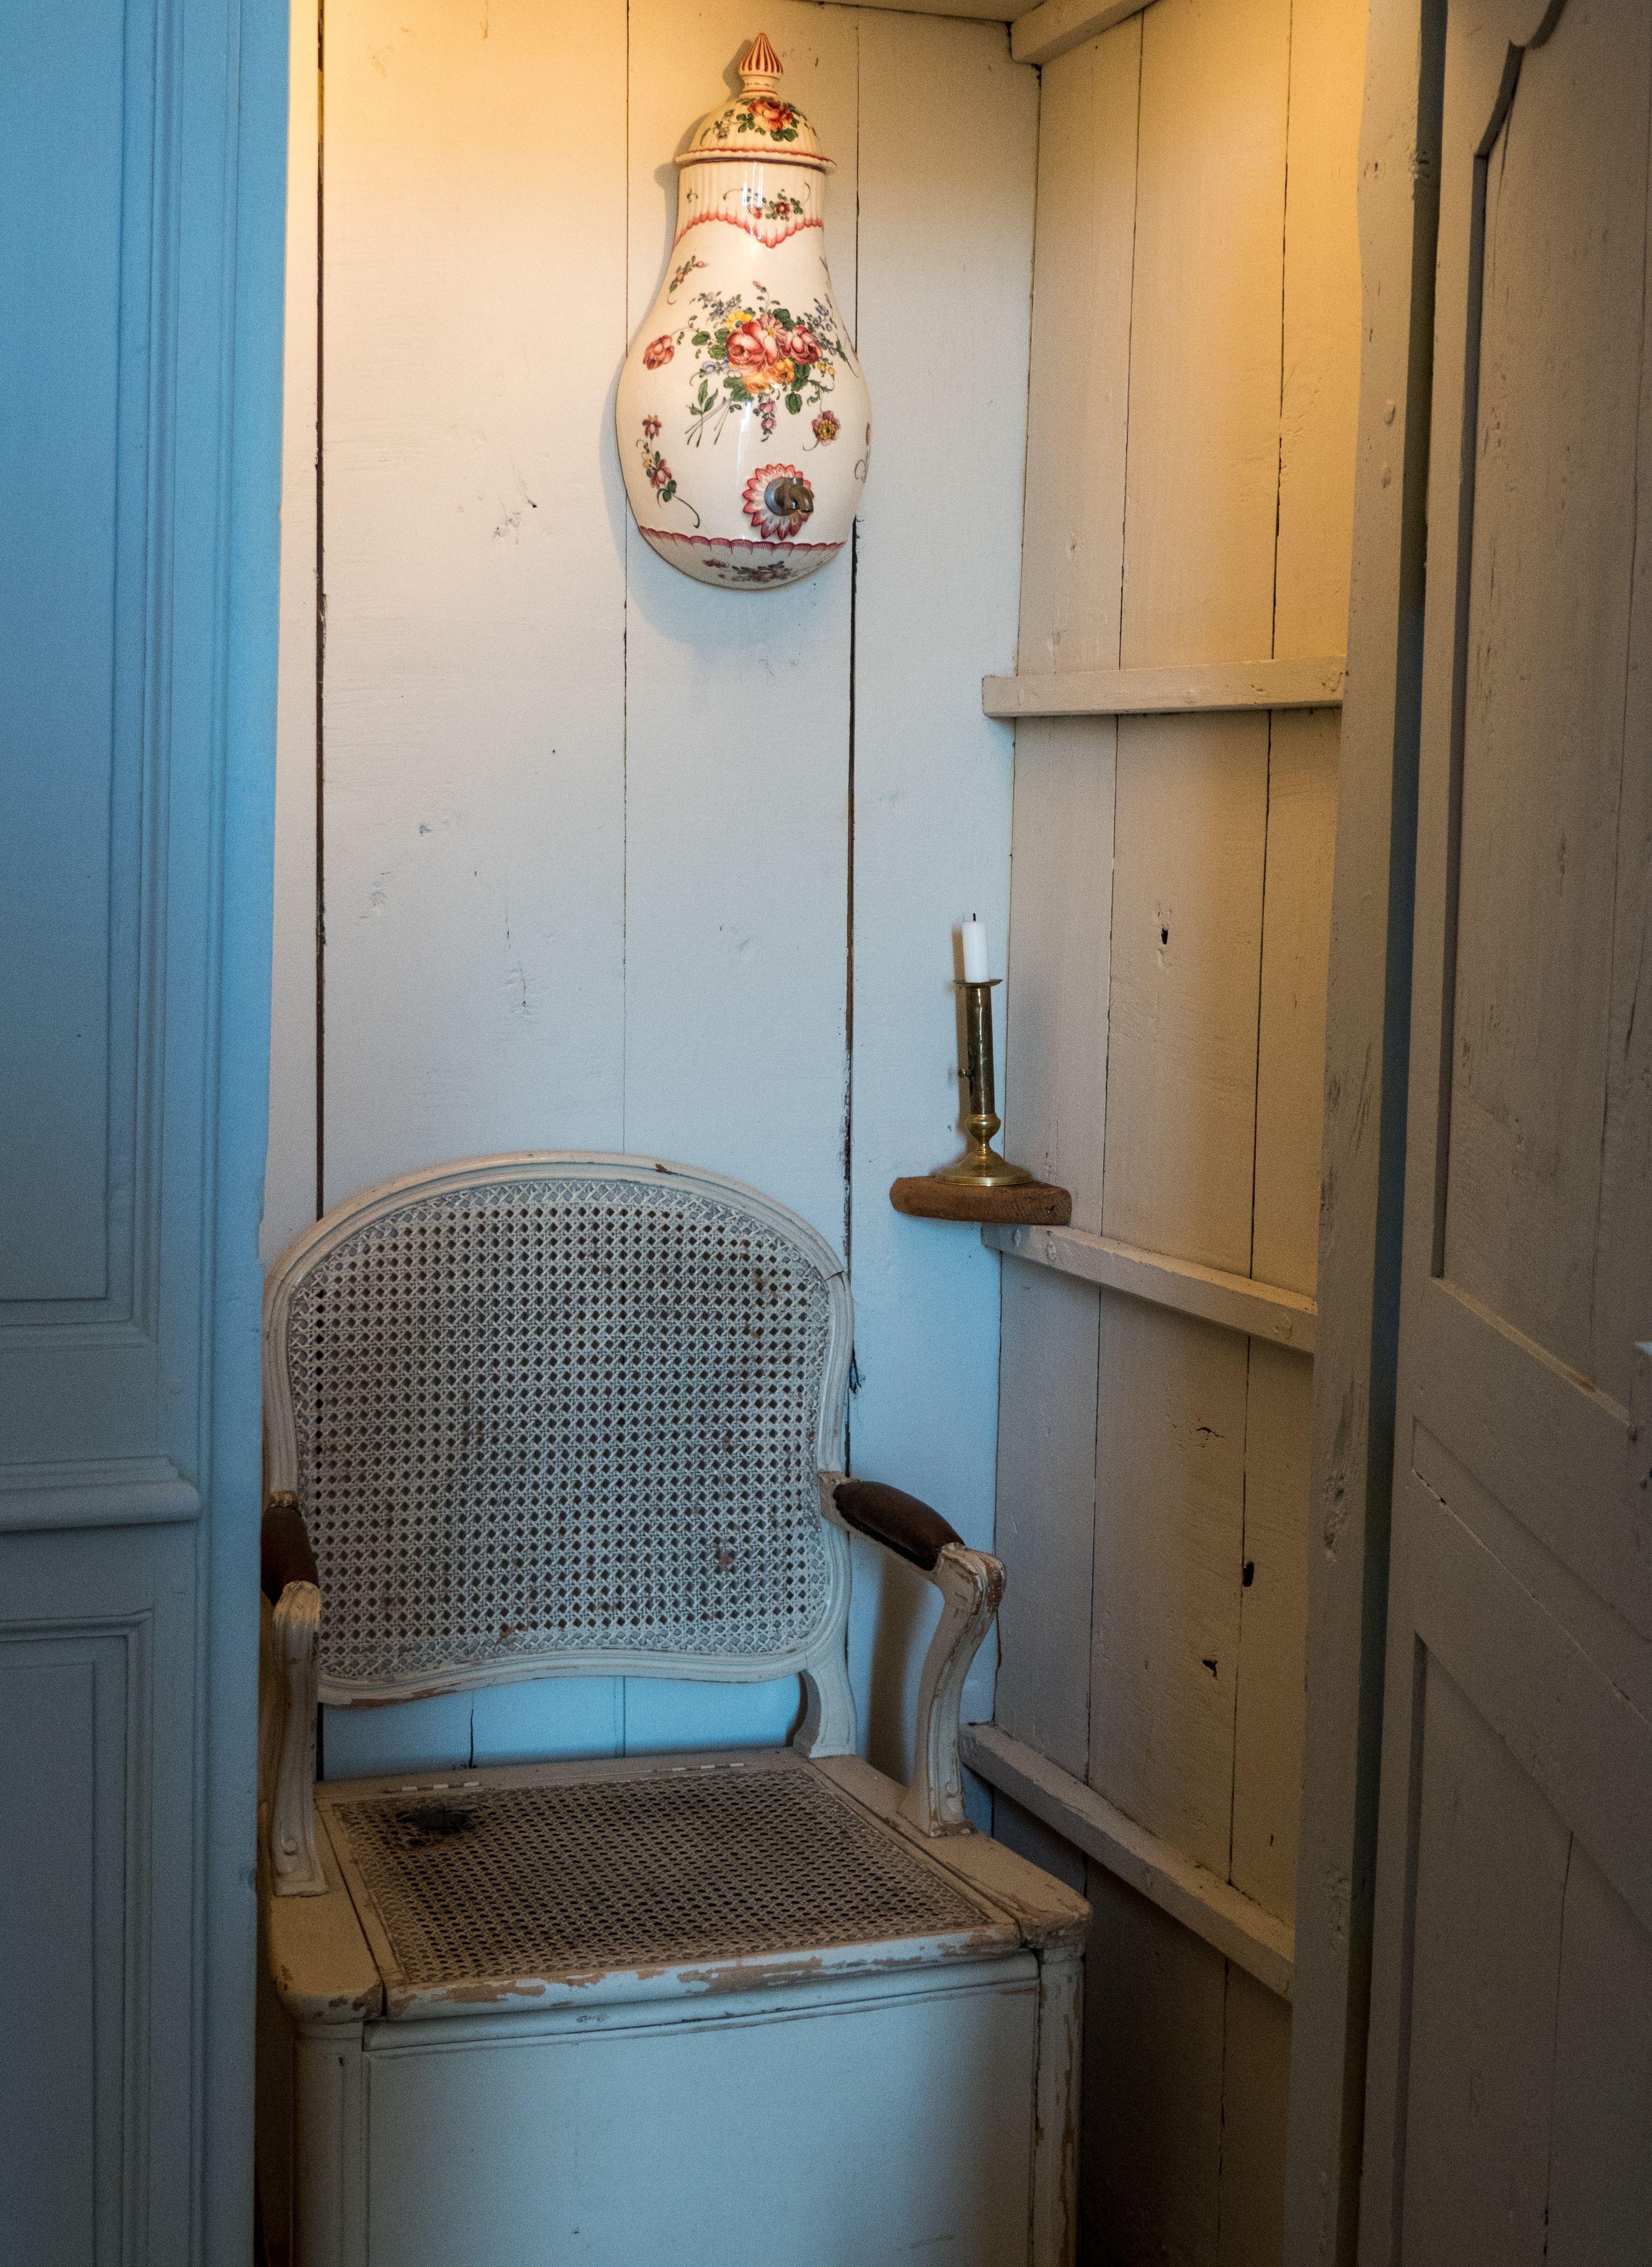 Ancienne Abbaye Royale De Moutiers Saint Jean Cote D Or France In 2020 Decor Home Decor Home